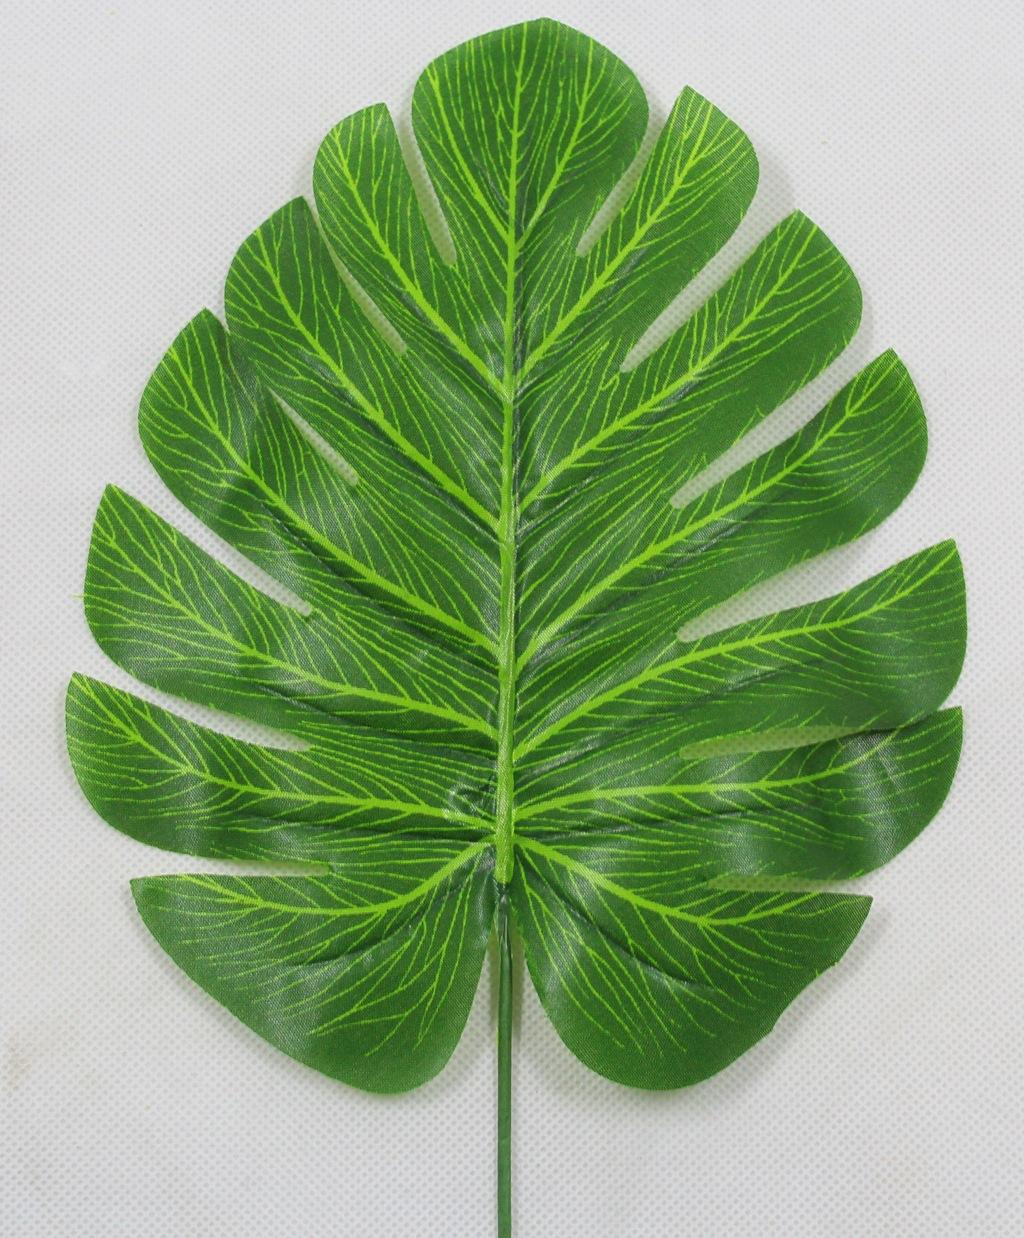 不同种类的树叶图片